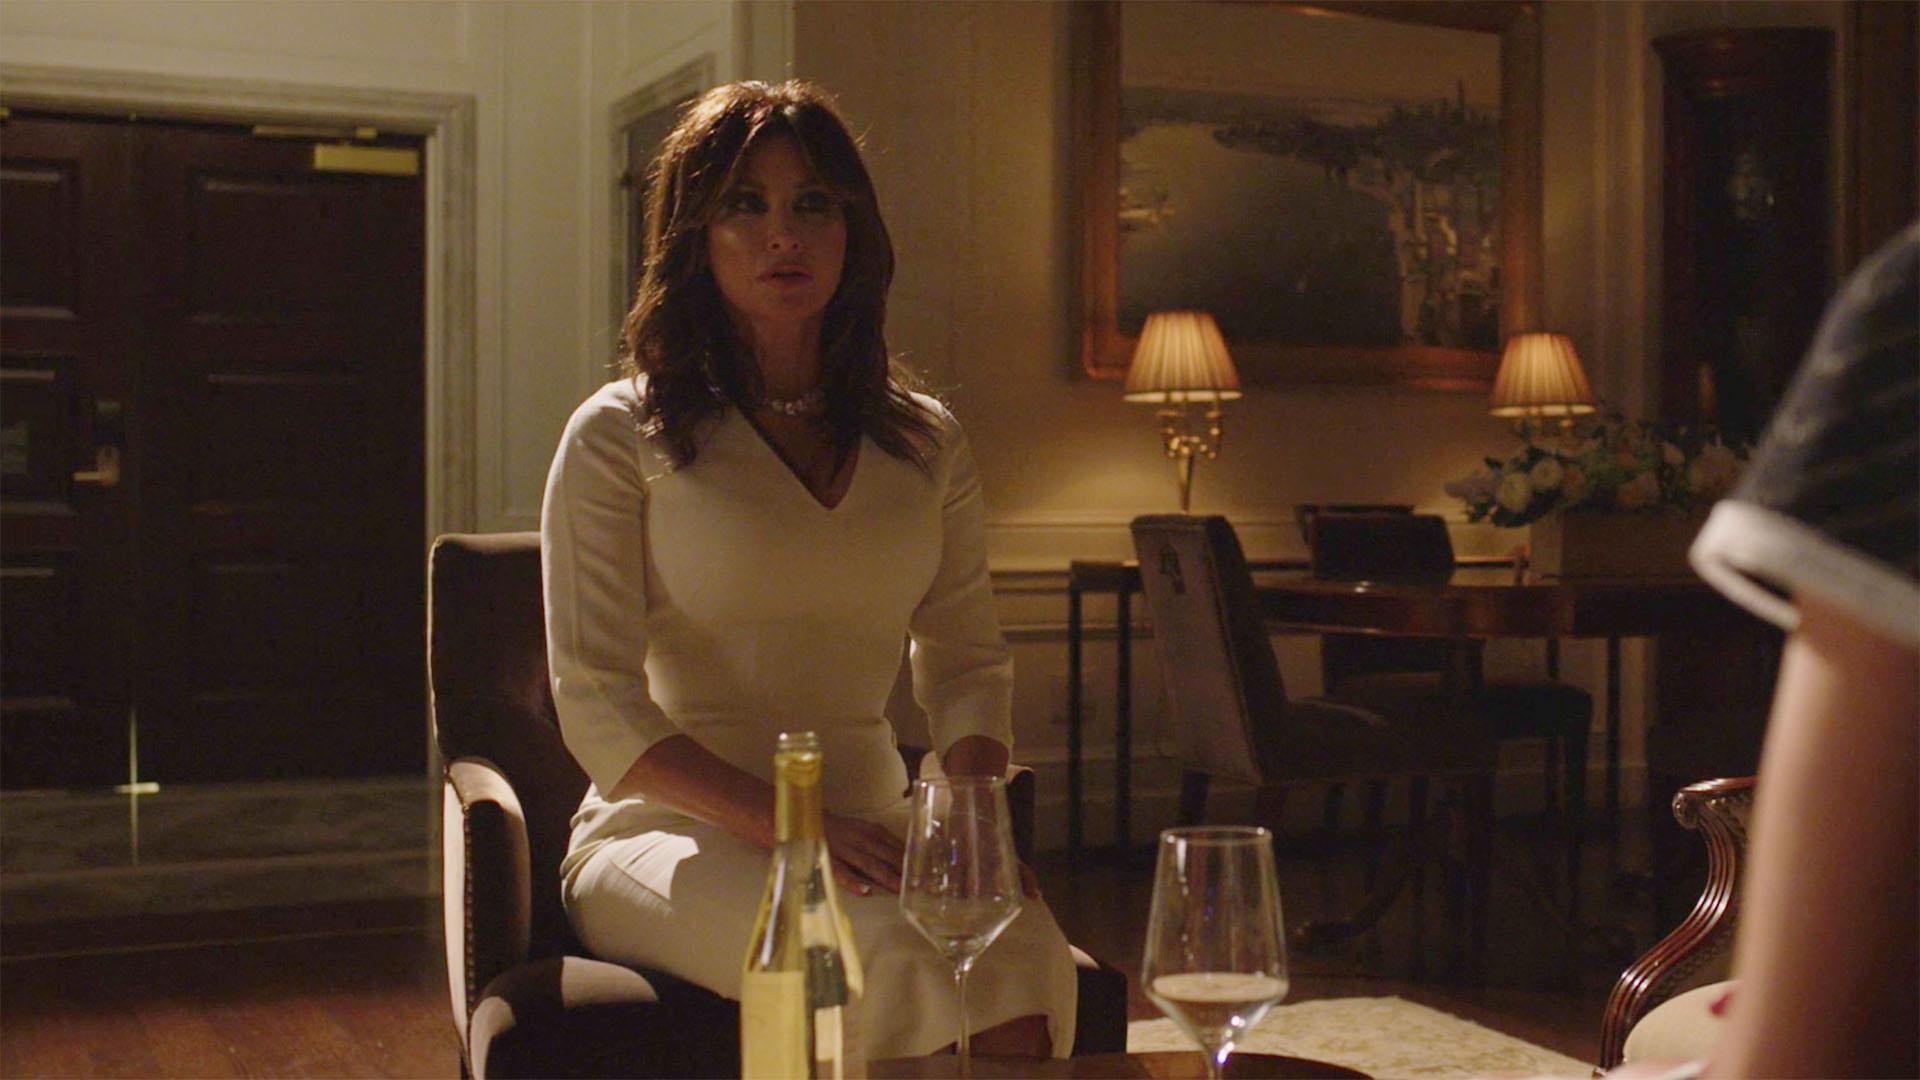 Gina Gershon as Melania Trump (Maybe)